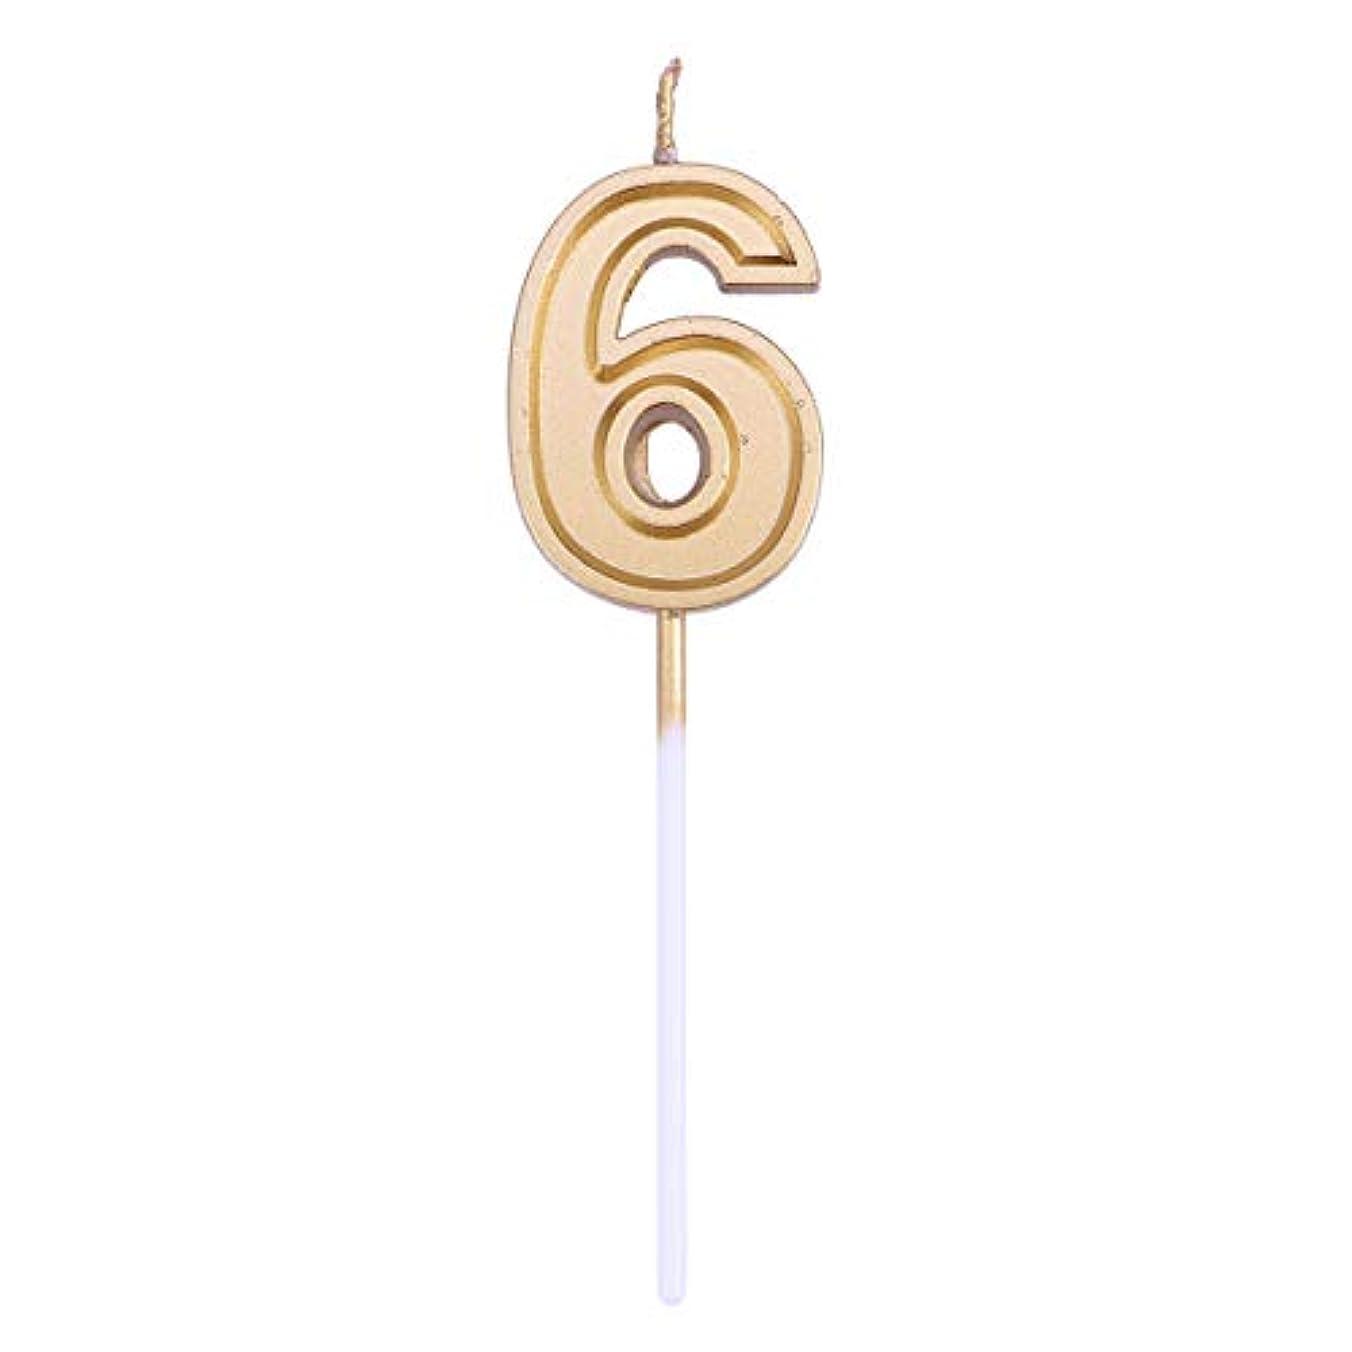 会社はっきりしない批判するYeahiBaby 番号6キャンドルゴールドラメ誕生日番号キャンドルケーキトッパー装飾